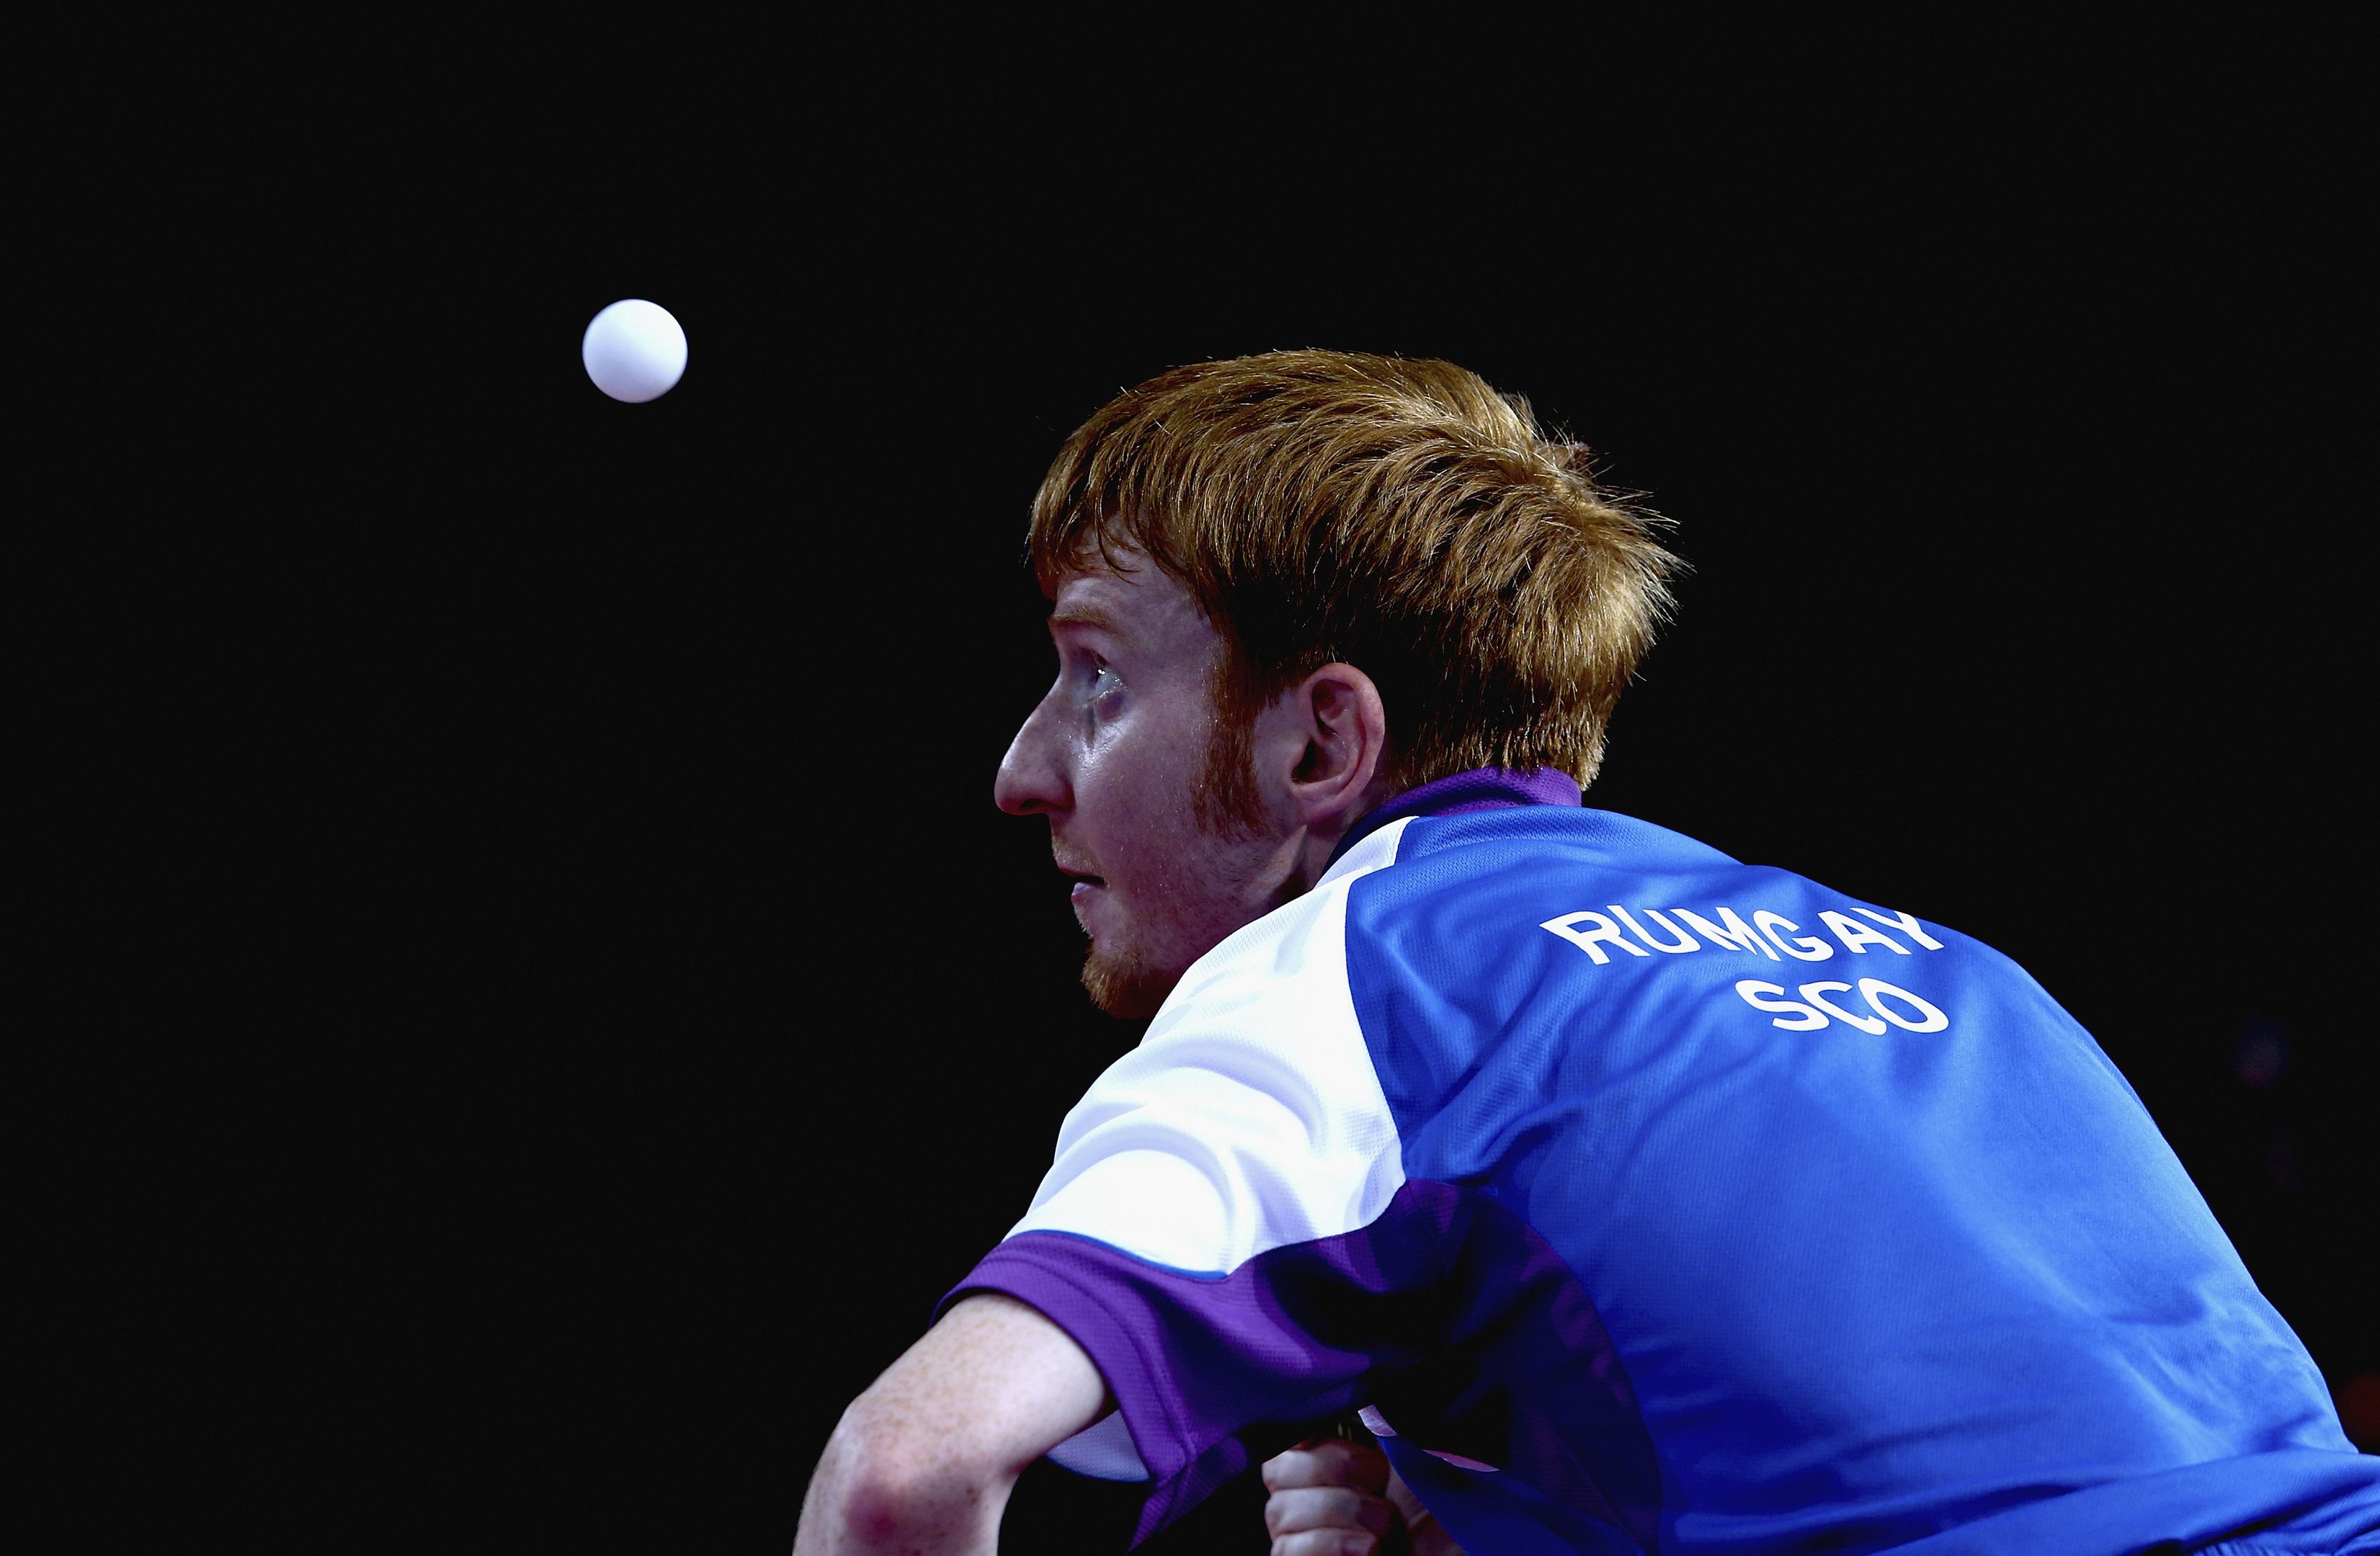 Gavin Rumgay in action in Glasgow.